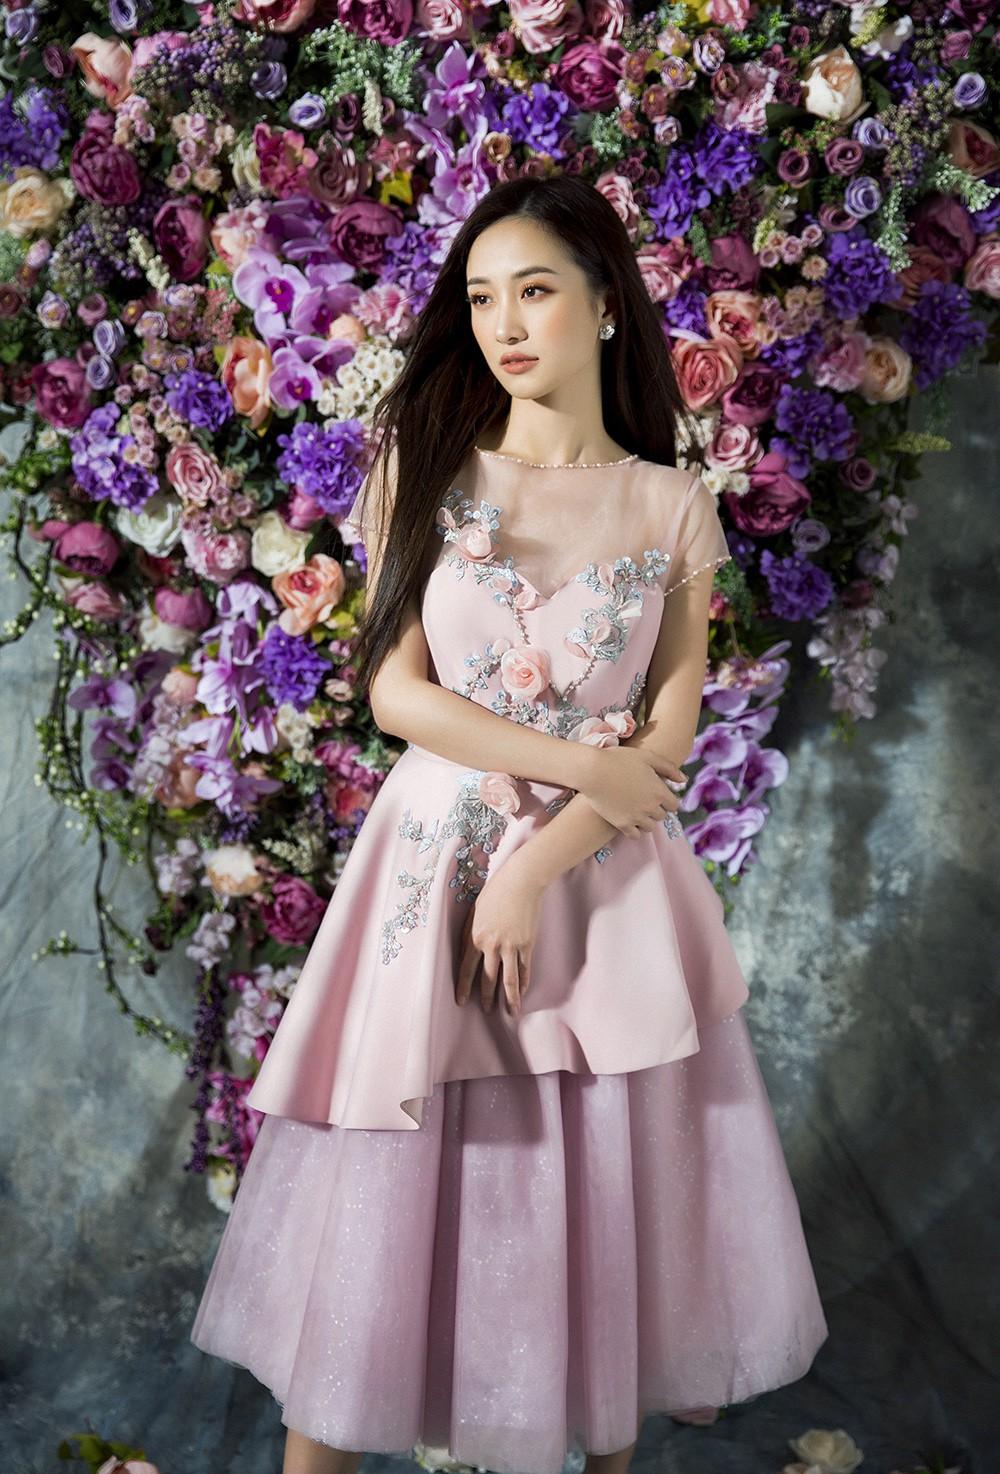 Diện đầm xẻ sâu táo bạo, Tuyết Anh Jun Vũ khoe nhan sắc mặn mà đầy quyến rũ - Ảnh 12.